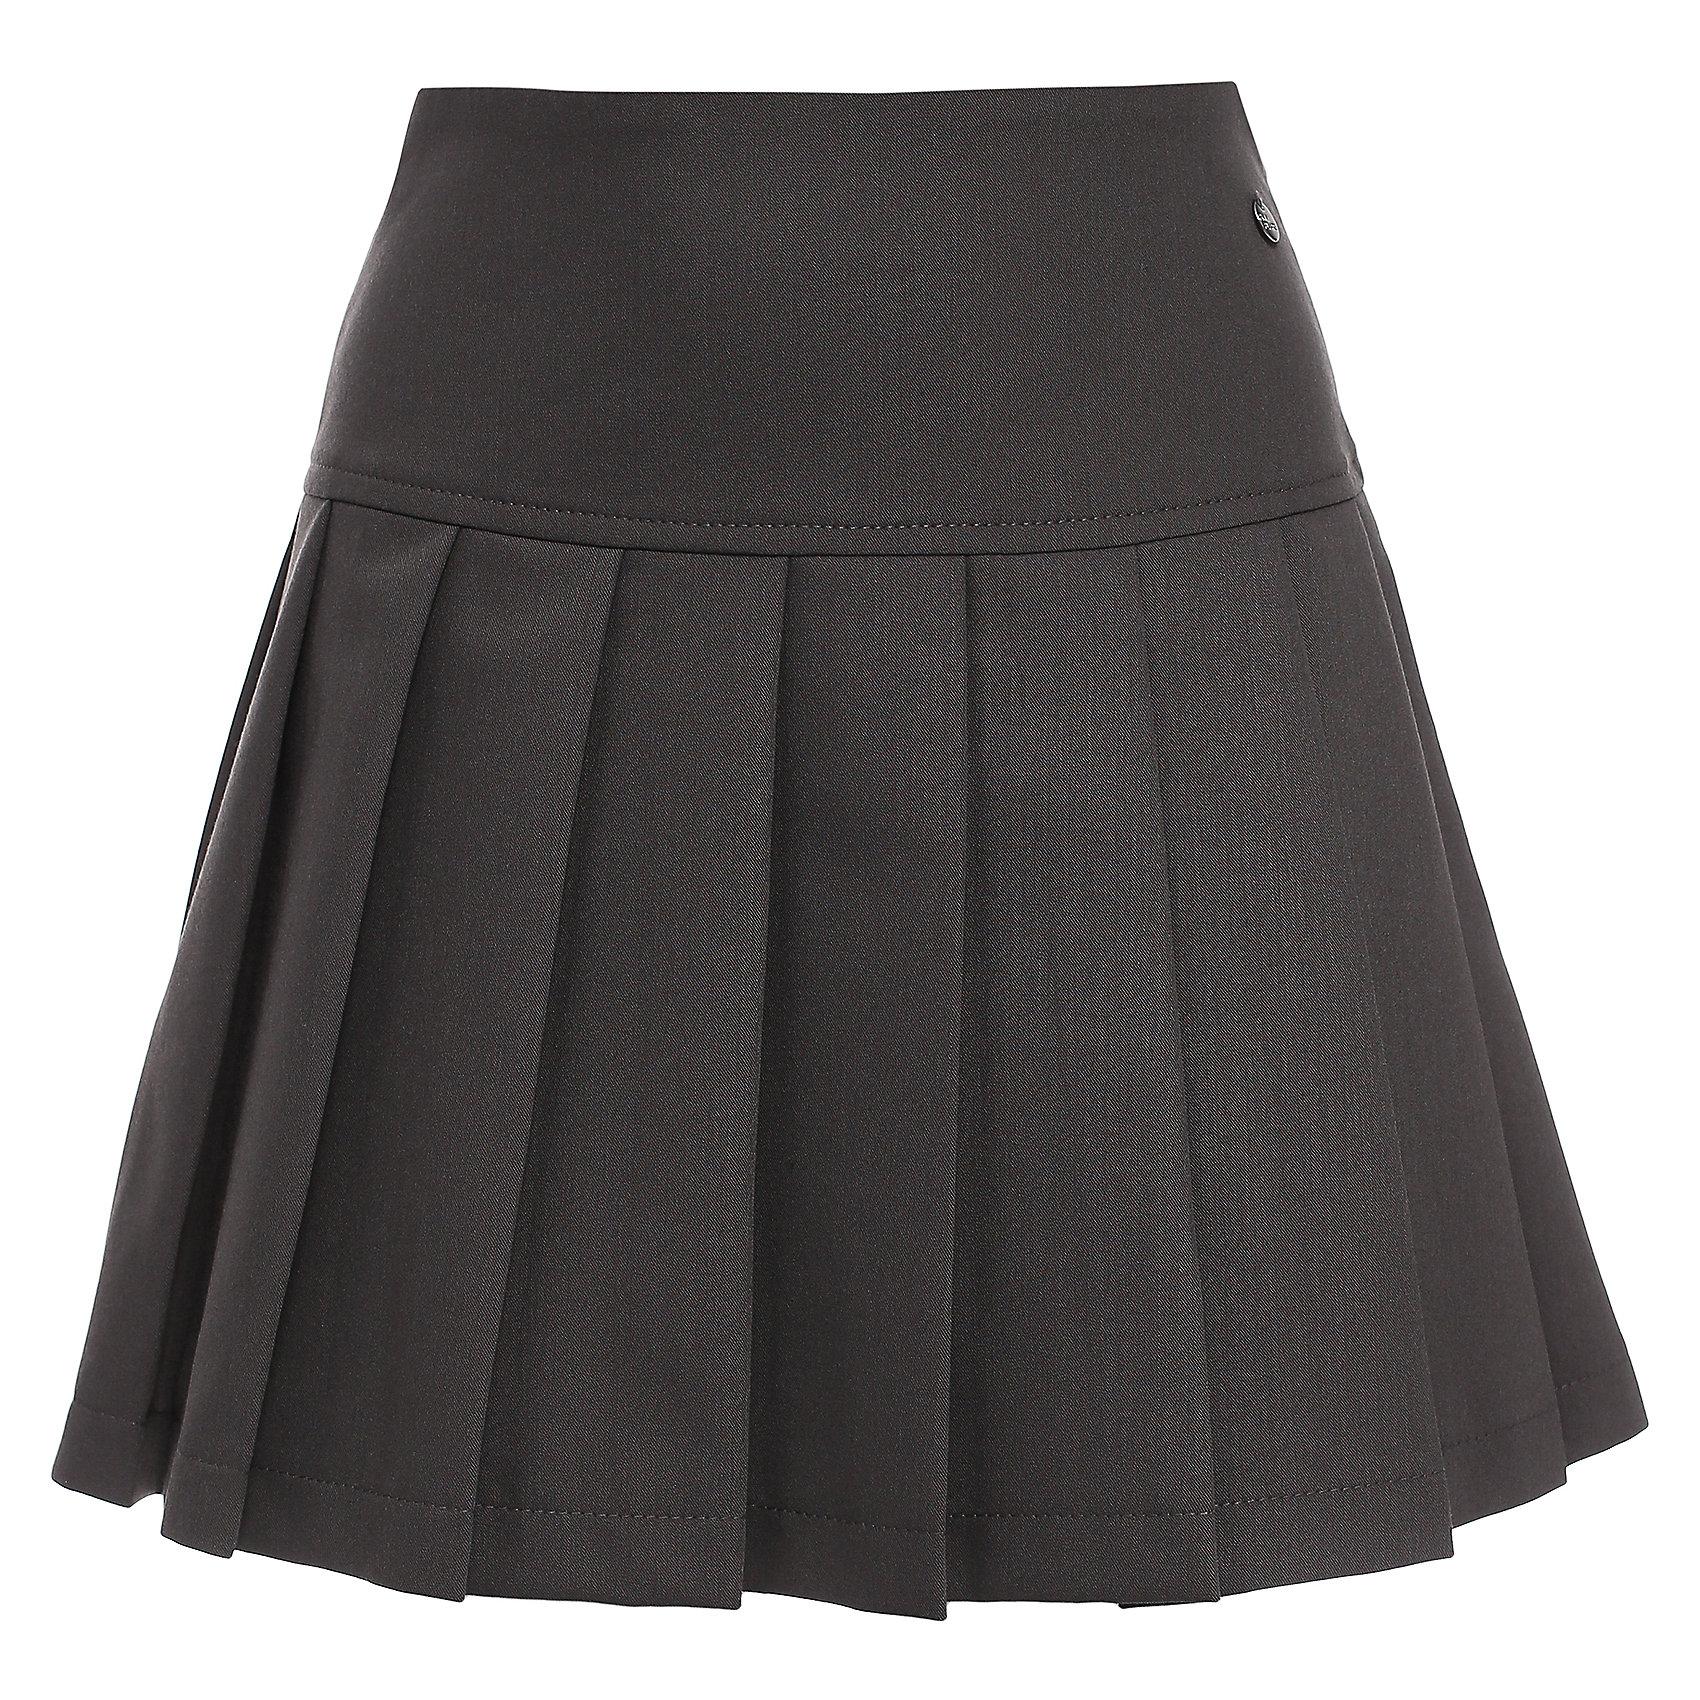 Юбка для девочки Finn FlareЮбка известной марки Finn Flare.<br><br>Школьная юбка со складками по всей окружности предназначена для повседневной носки, сочетается как с блузами и пиджаками, так и с джемперами. Юбка имеет широкий пояс, боковую молнию, украшена маленькой декоративной пуговицей. <br><br>Фактура материала: Текстильный<br>Вид застежки: Молния<br>Тип карманов: Без карманов<br><br>Состав: 65% полиэстер, 33% вискоза, 2% эластан<br>Подкладка: 100% полиэстер<br><br>Юбку для девочки Finn Flare можно купить в нашем интернет-магазине.<br><br>Ширина мм: 207<br>Глубина мм: 10<br>Высота мм: 189<br>Вес г: 183<br>Цвет: серый<br>Возраст от месяцев: 144<br>Возраст до месяцев: 156<br>Пол: Женский<br>Возраст: Детский<br>Размер: 158,116,122,128,134,140,146,152<br>SKU: 4890149